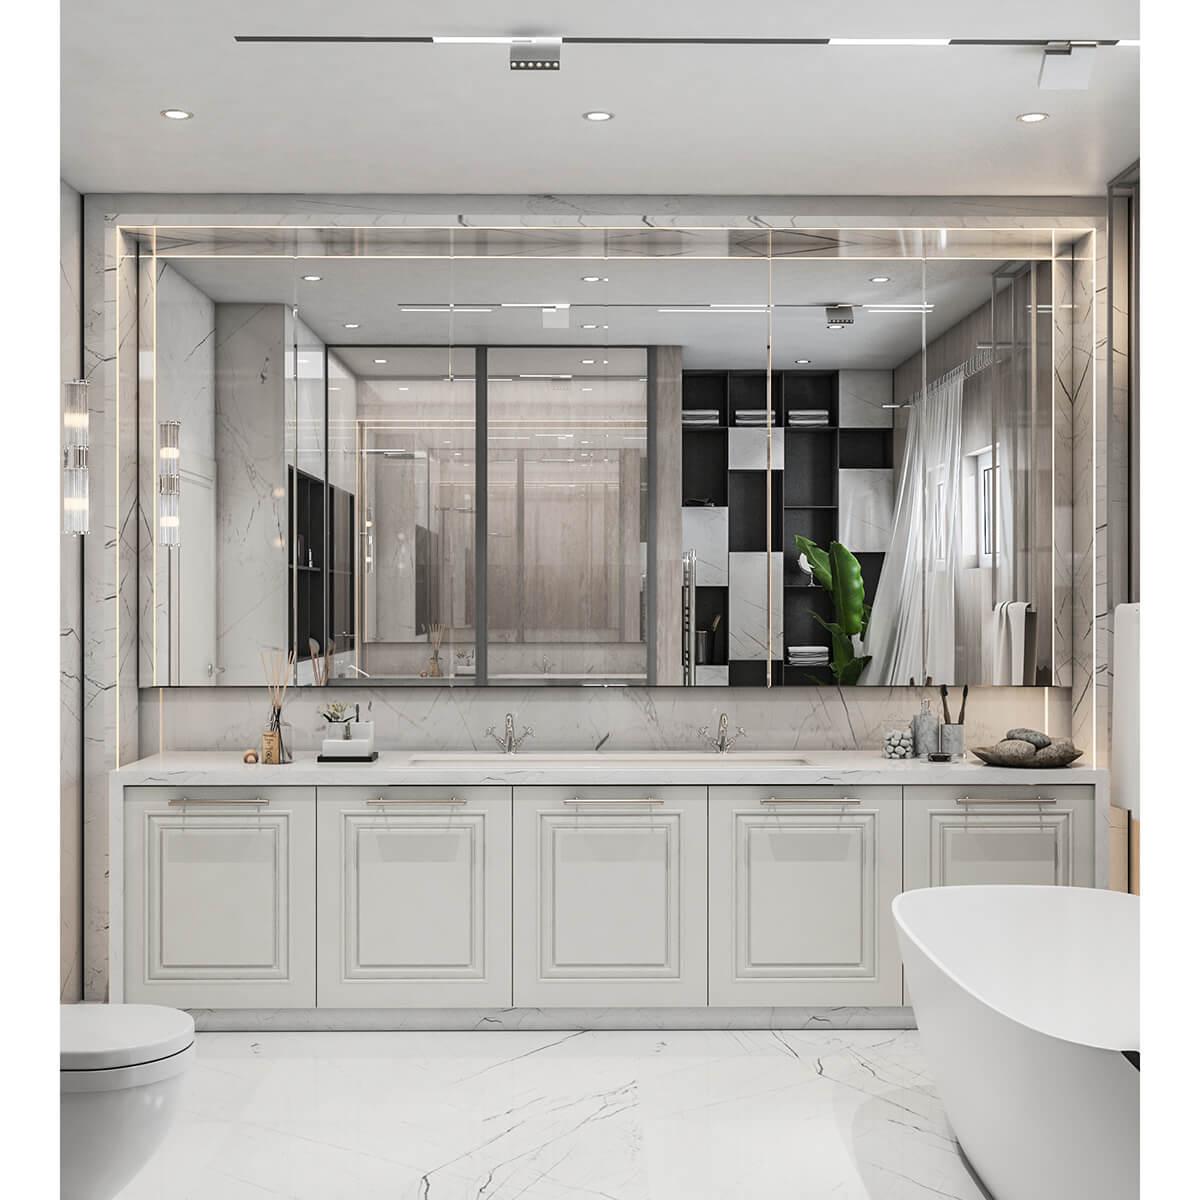 interioren-dizain-na-kashta-proekt-na-banya